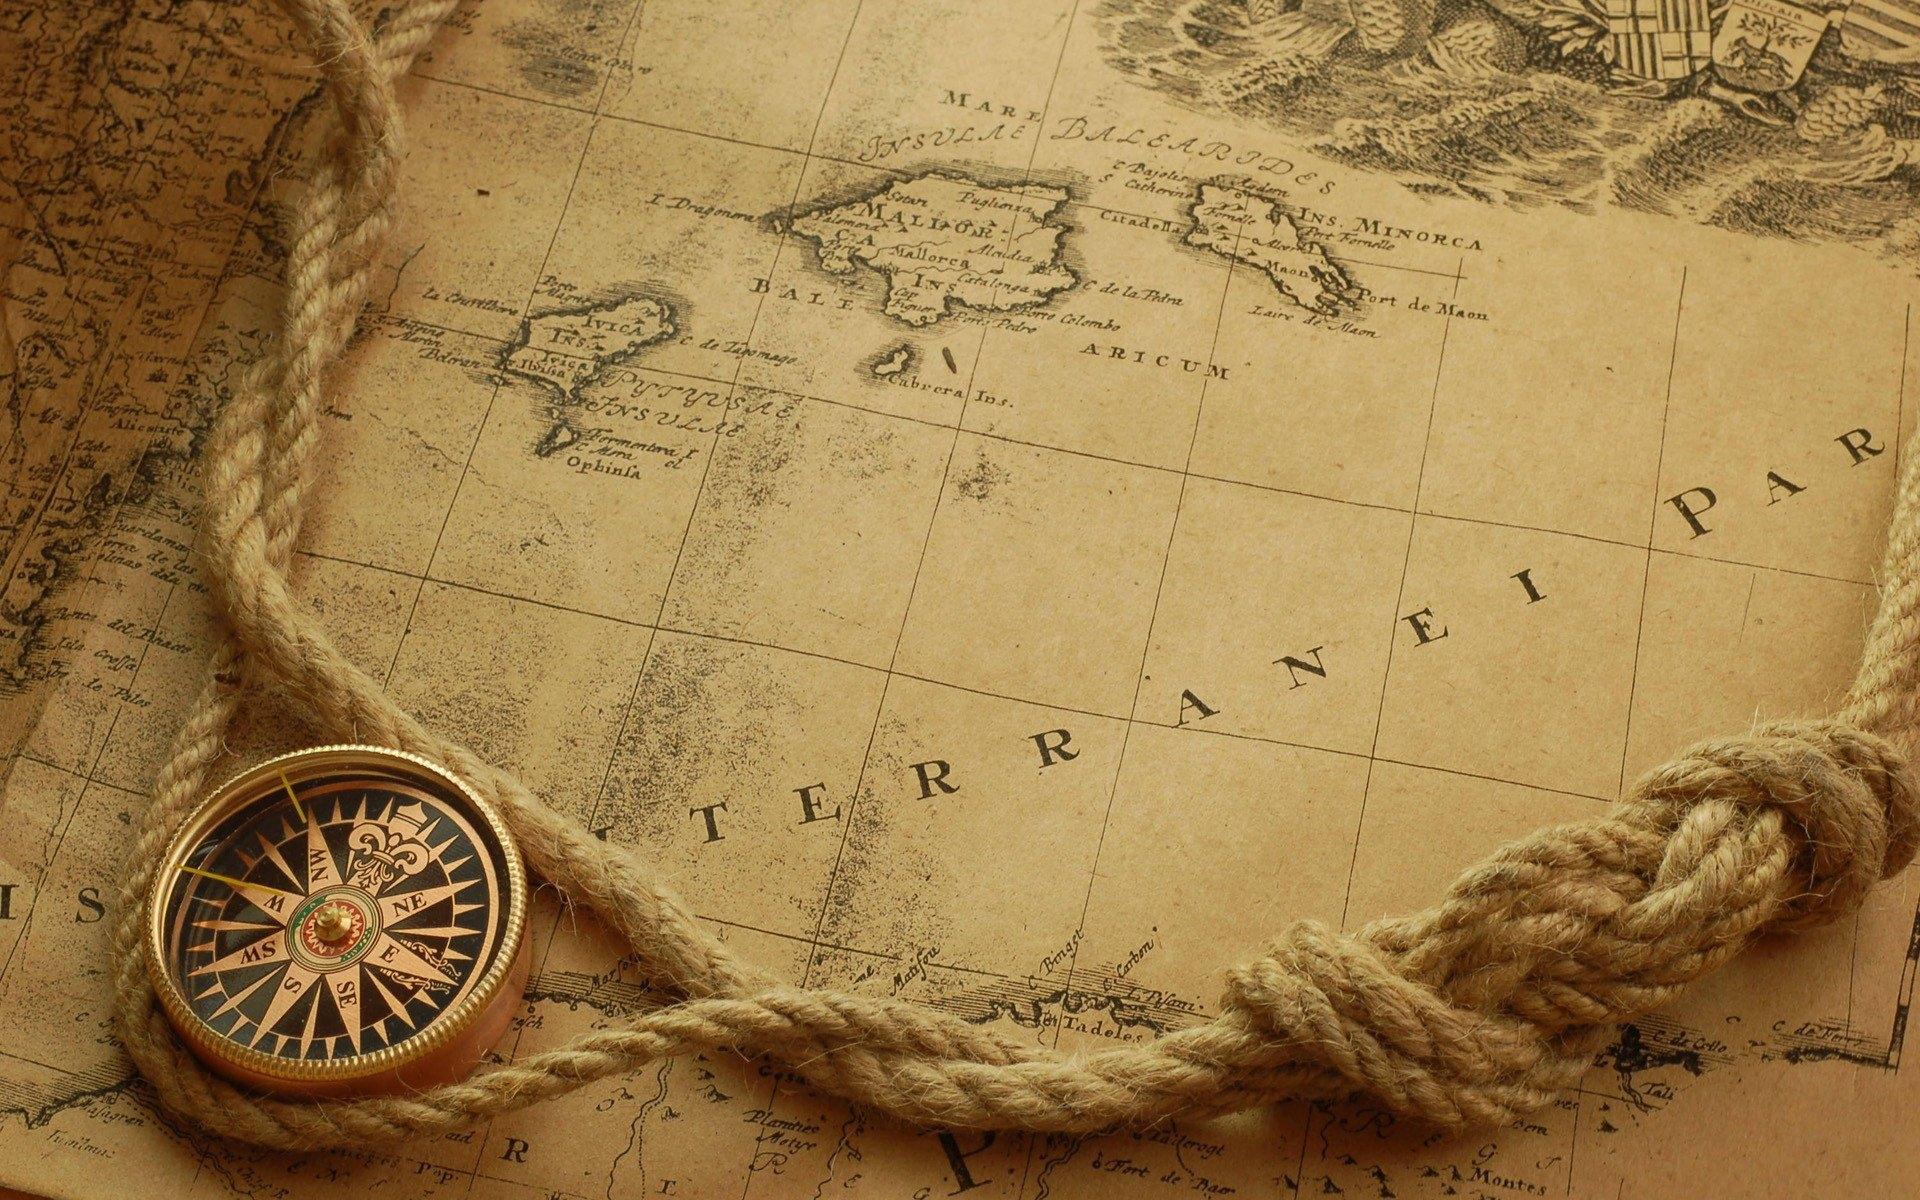 Hình nền powerpoint lịch sử dây và map cũ cực đẹp